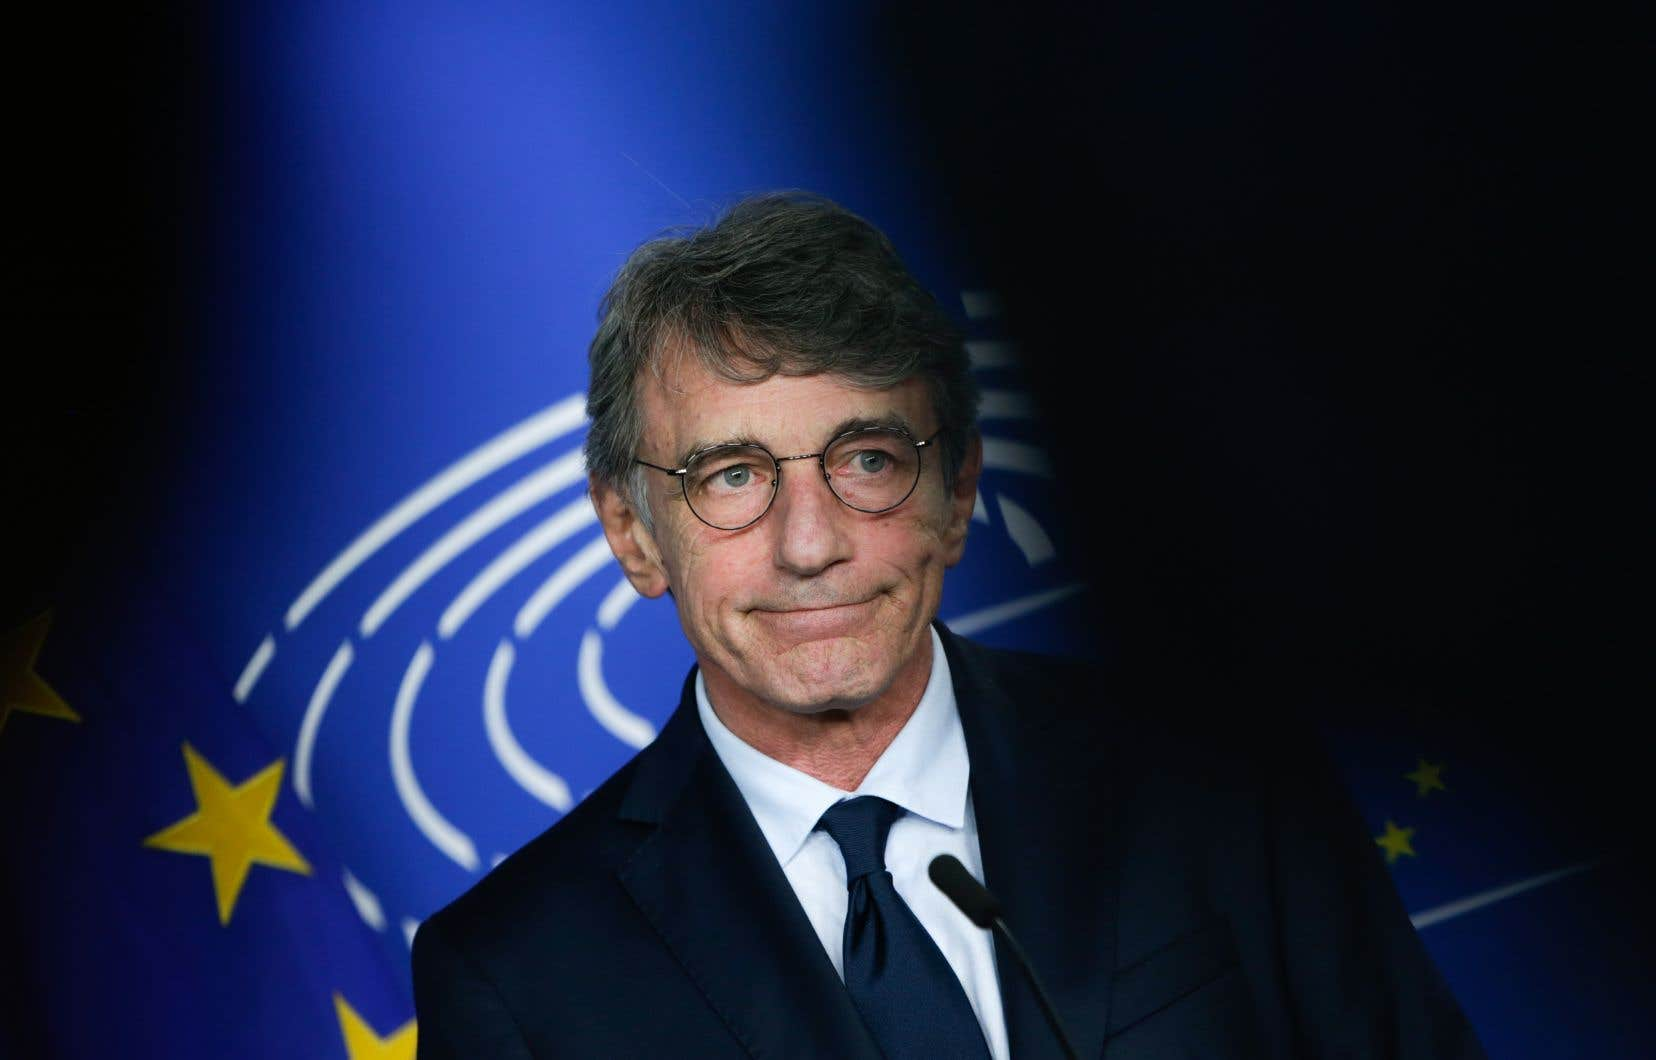 «Toute tentative par le Royaume-Uni de saper l'accord aurait de graves conséquences», a prévenu le président du Parlement européen, David Sassoli.